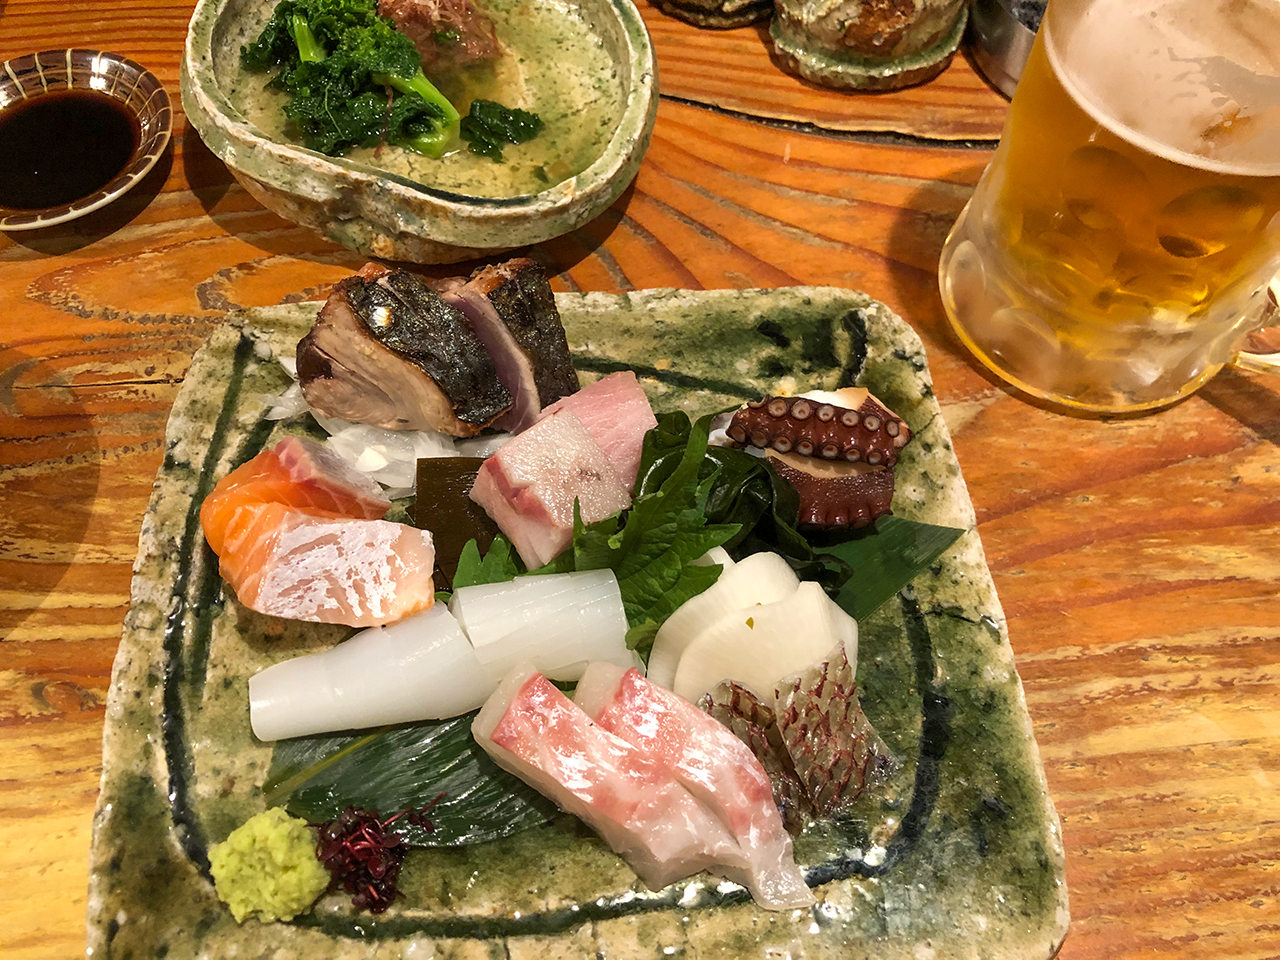 ホテルインターゲート京都四条新町近くの飲み屋〈円屋〉(えんや)お作り盛り合わせ